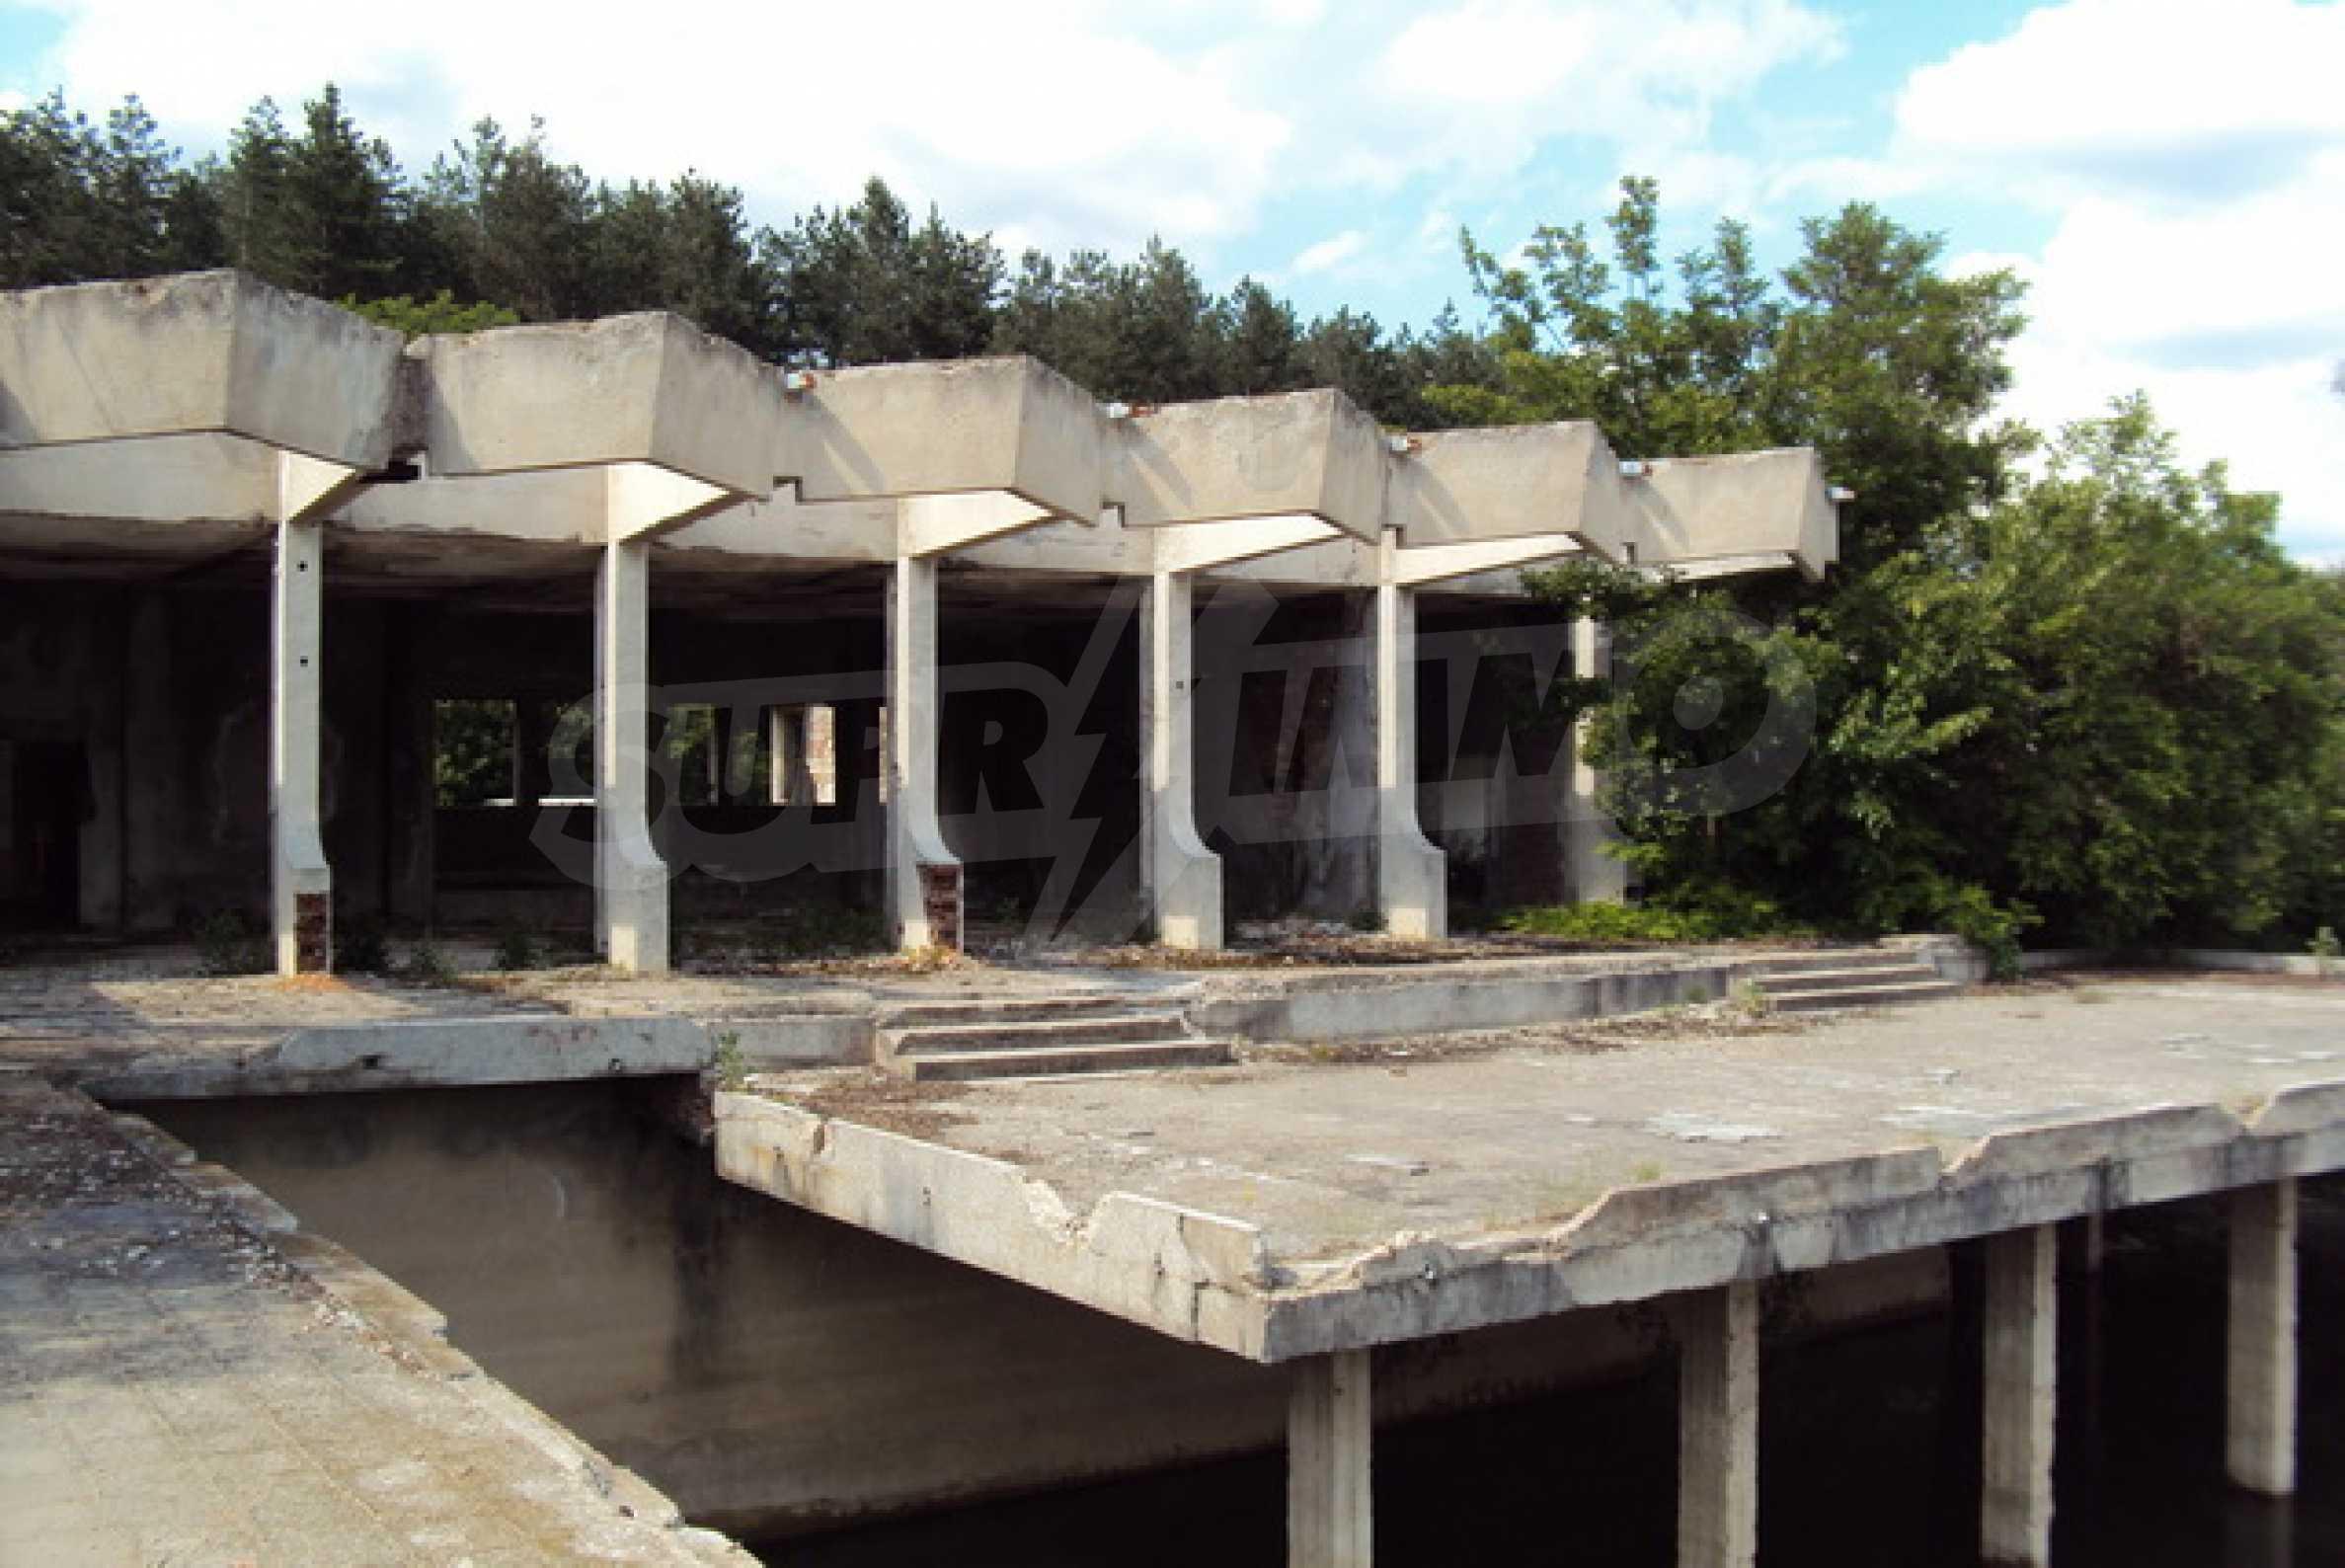 Massives Gebäude am Ufer eines Dammes